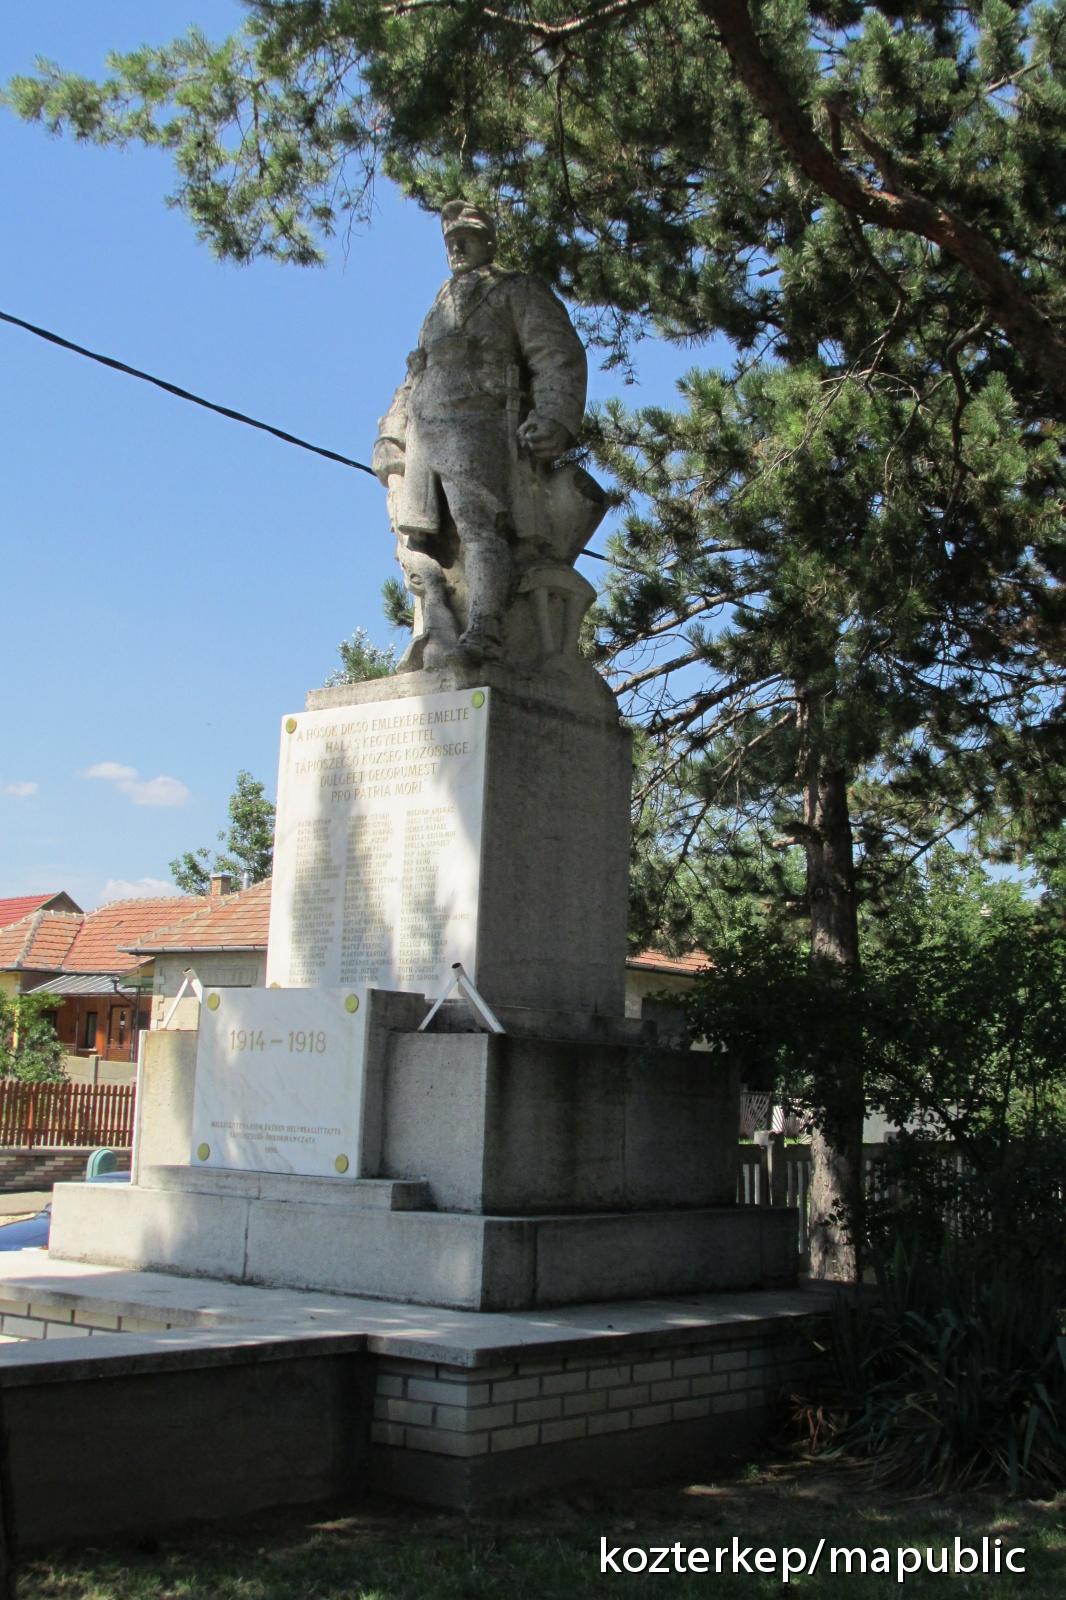 Kiemelt jelentőségű ügy lett a Hableány-emlékmű felállítása